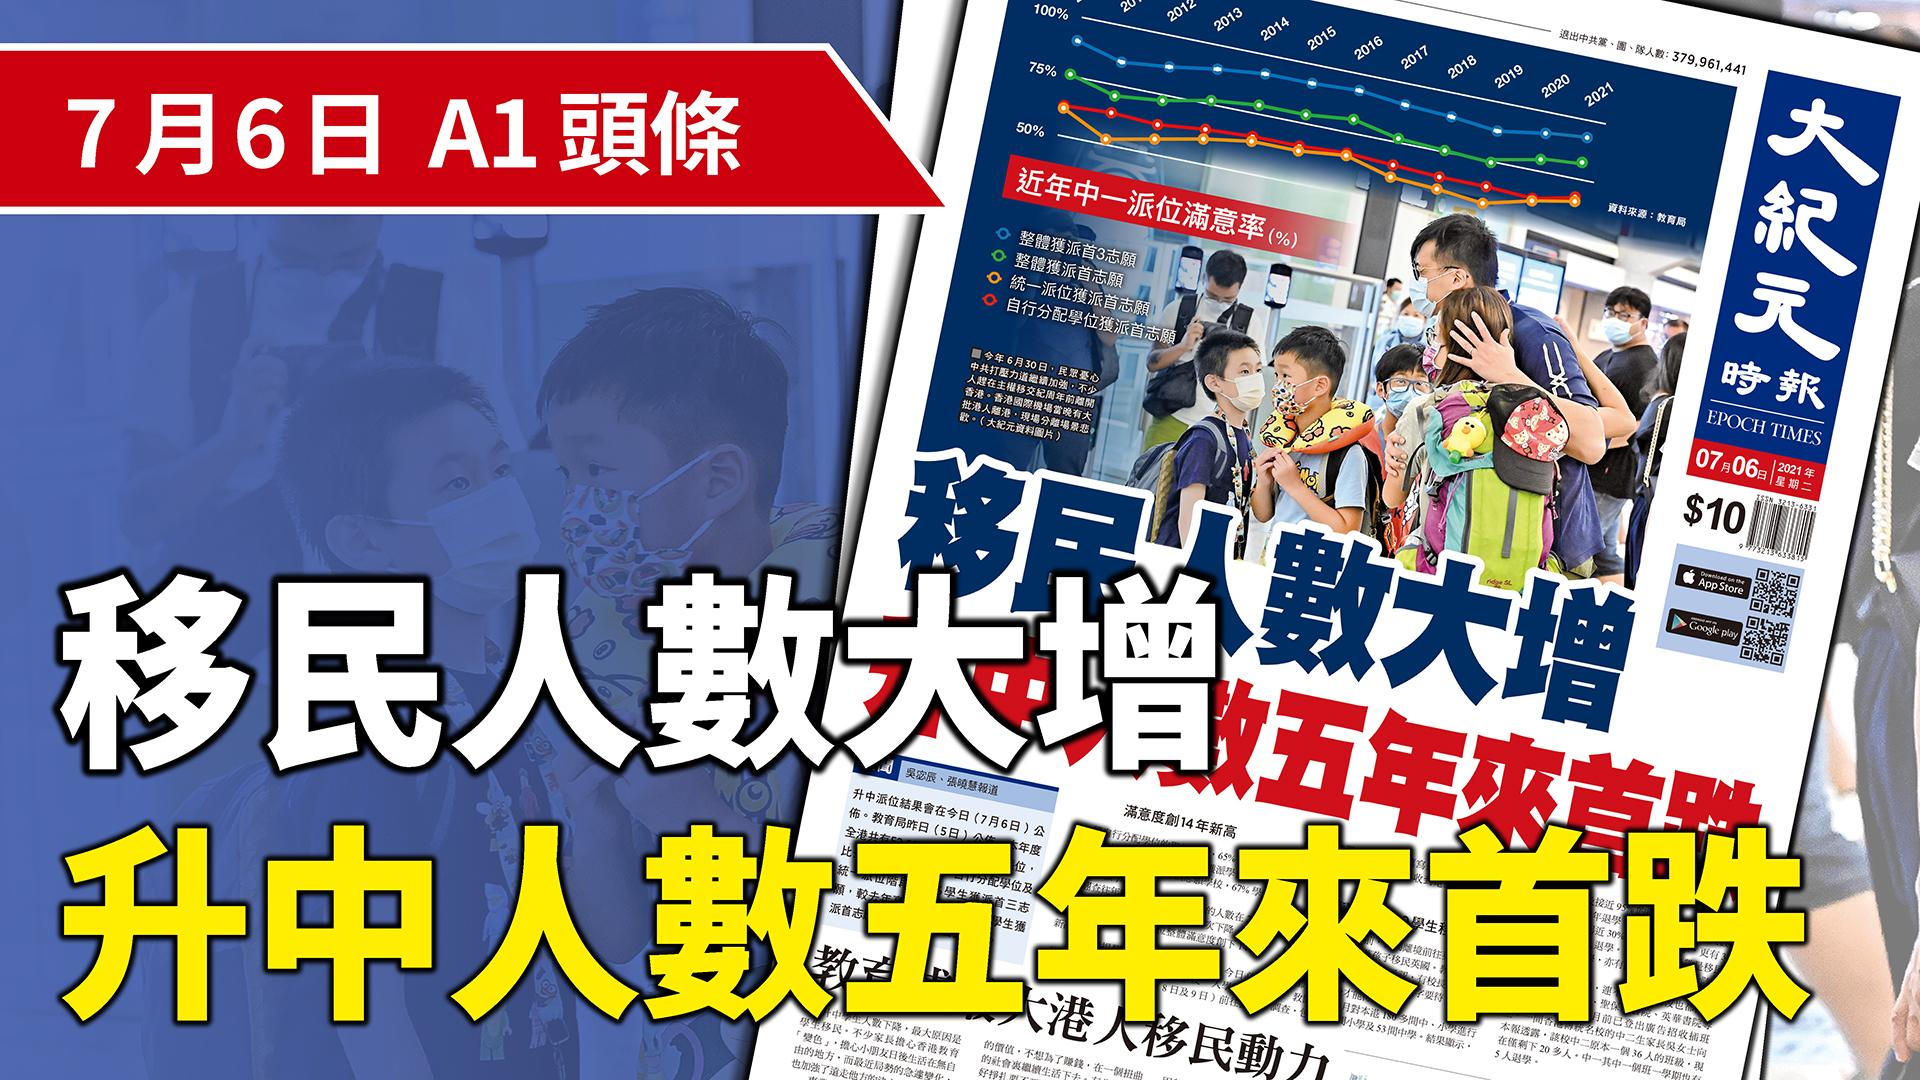 今年6月30日,民眾憂心中共打壓力道繼續加強,不少人趕在主權移交紀周年前離開香港。香港國際機場當晚有大批港人離港,現場分離場景悲歡。(大紀元資料圖片)